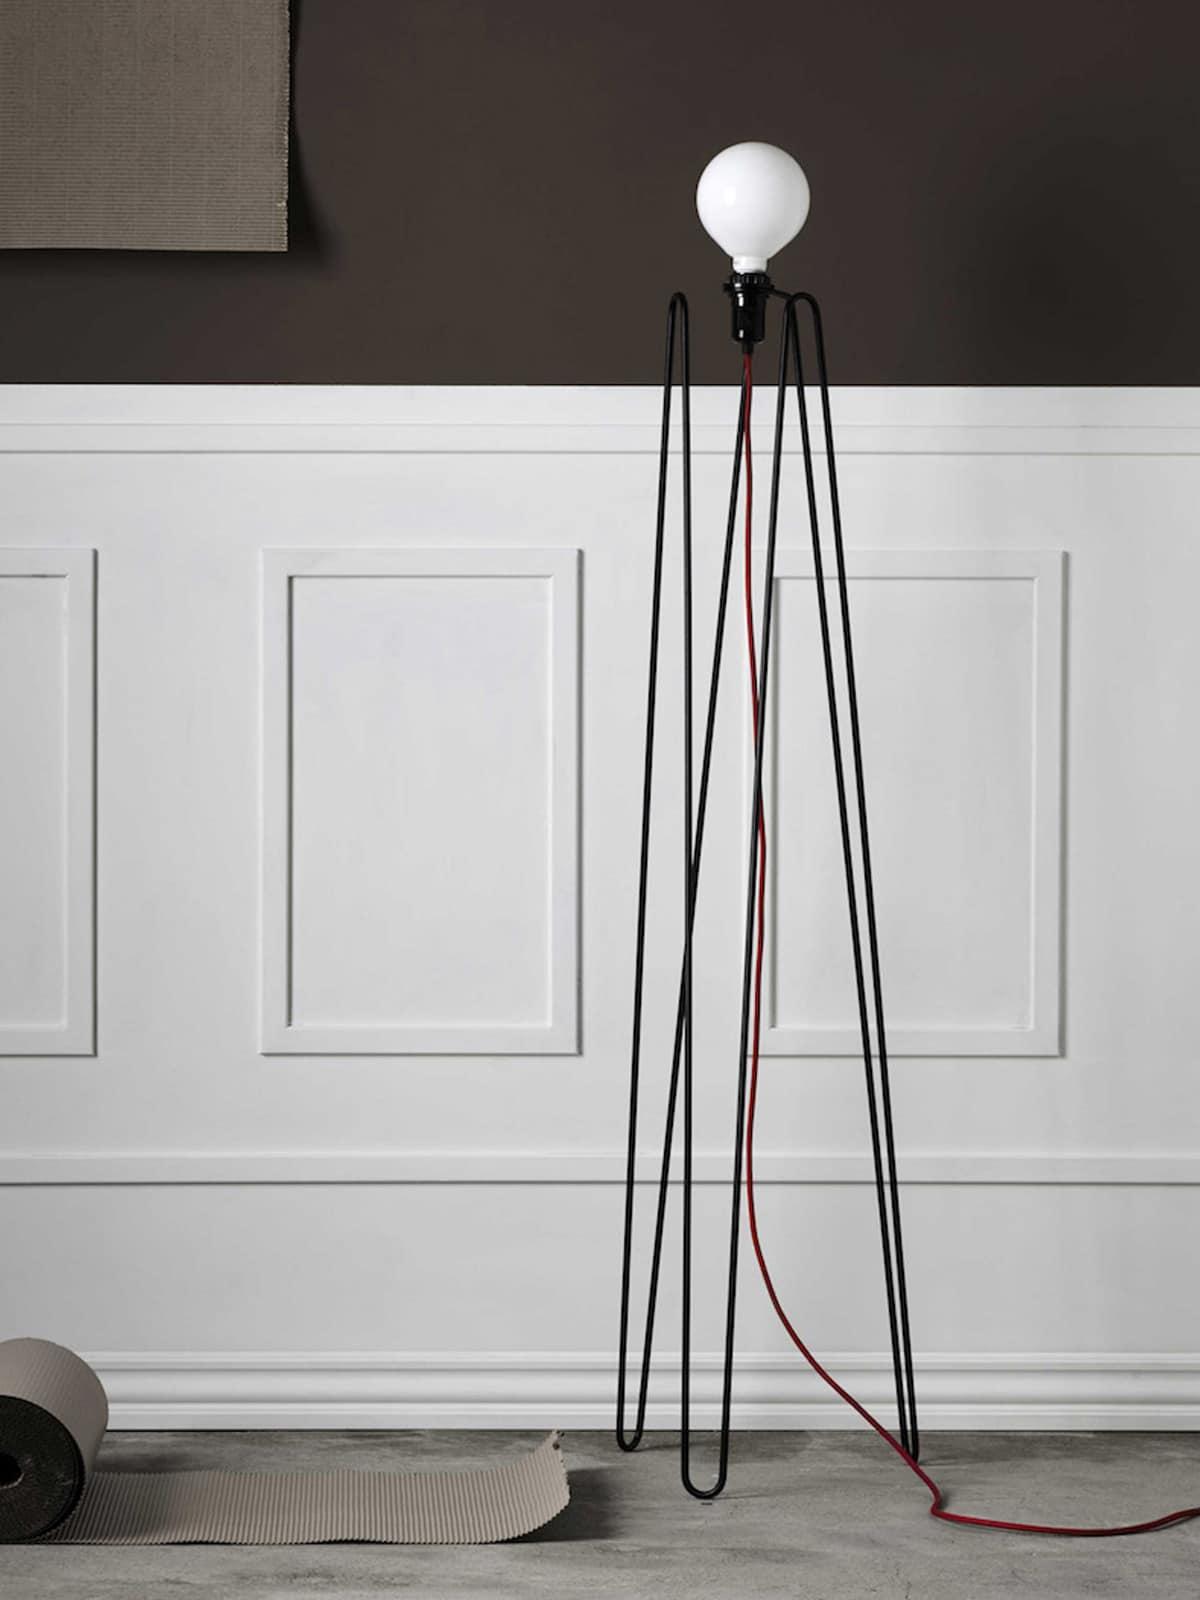 Grupa Stehlampe Model aus Stahl mit bunten Kabeln